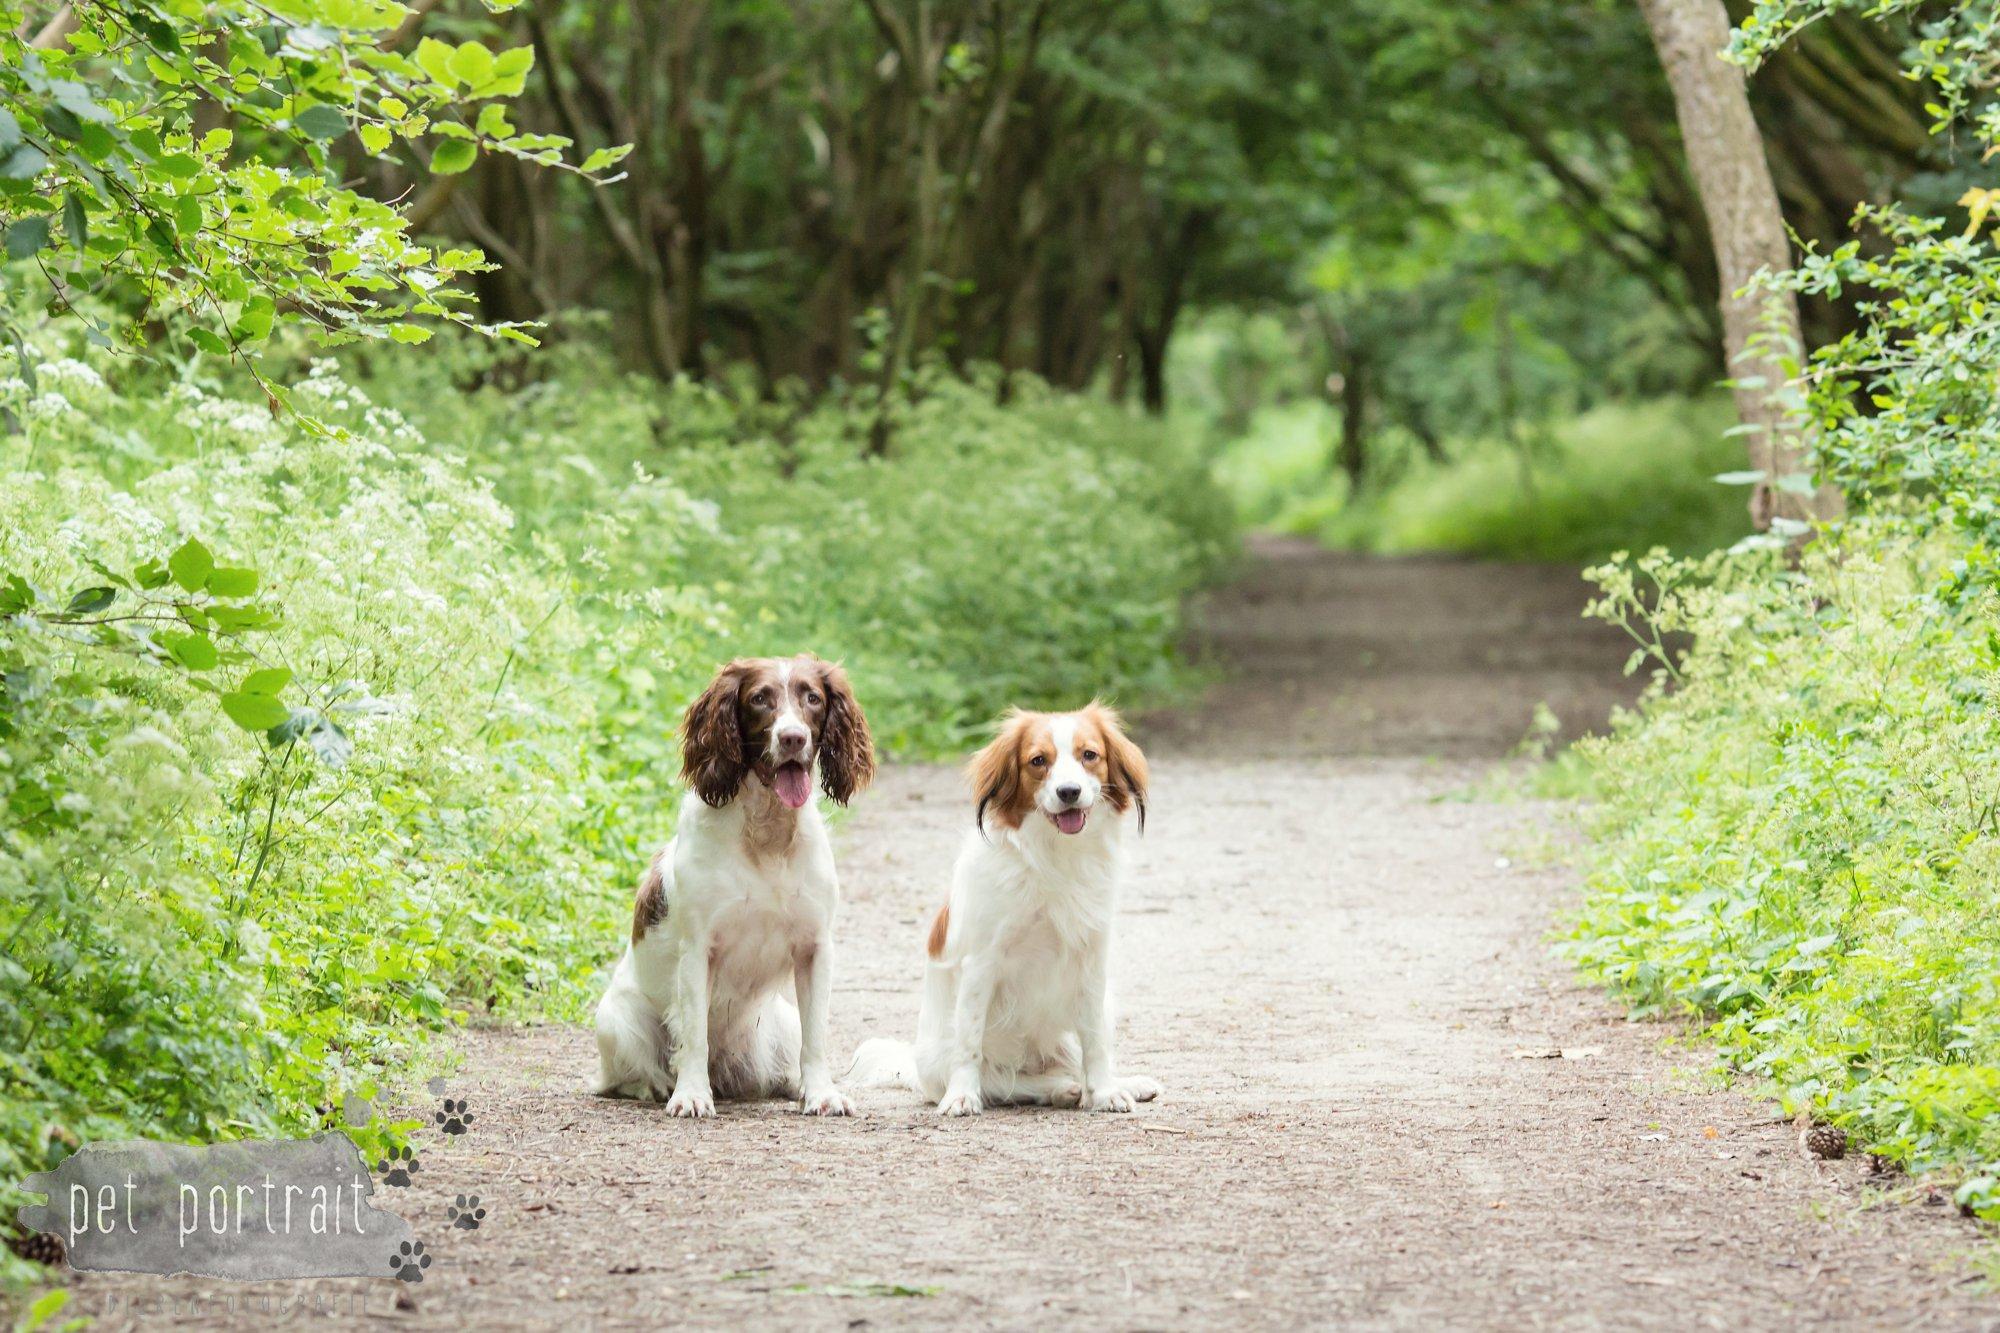 Hondenfotograaf Noordwijk - Springer Spaniel en Kooikerhondje-8